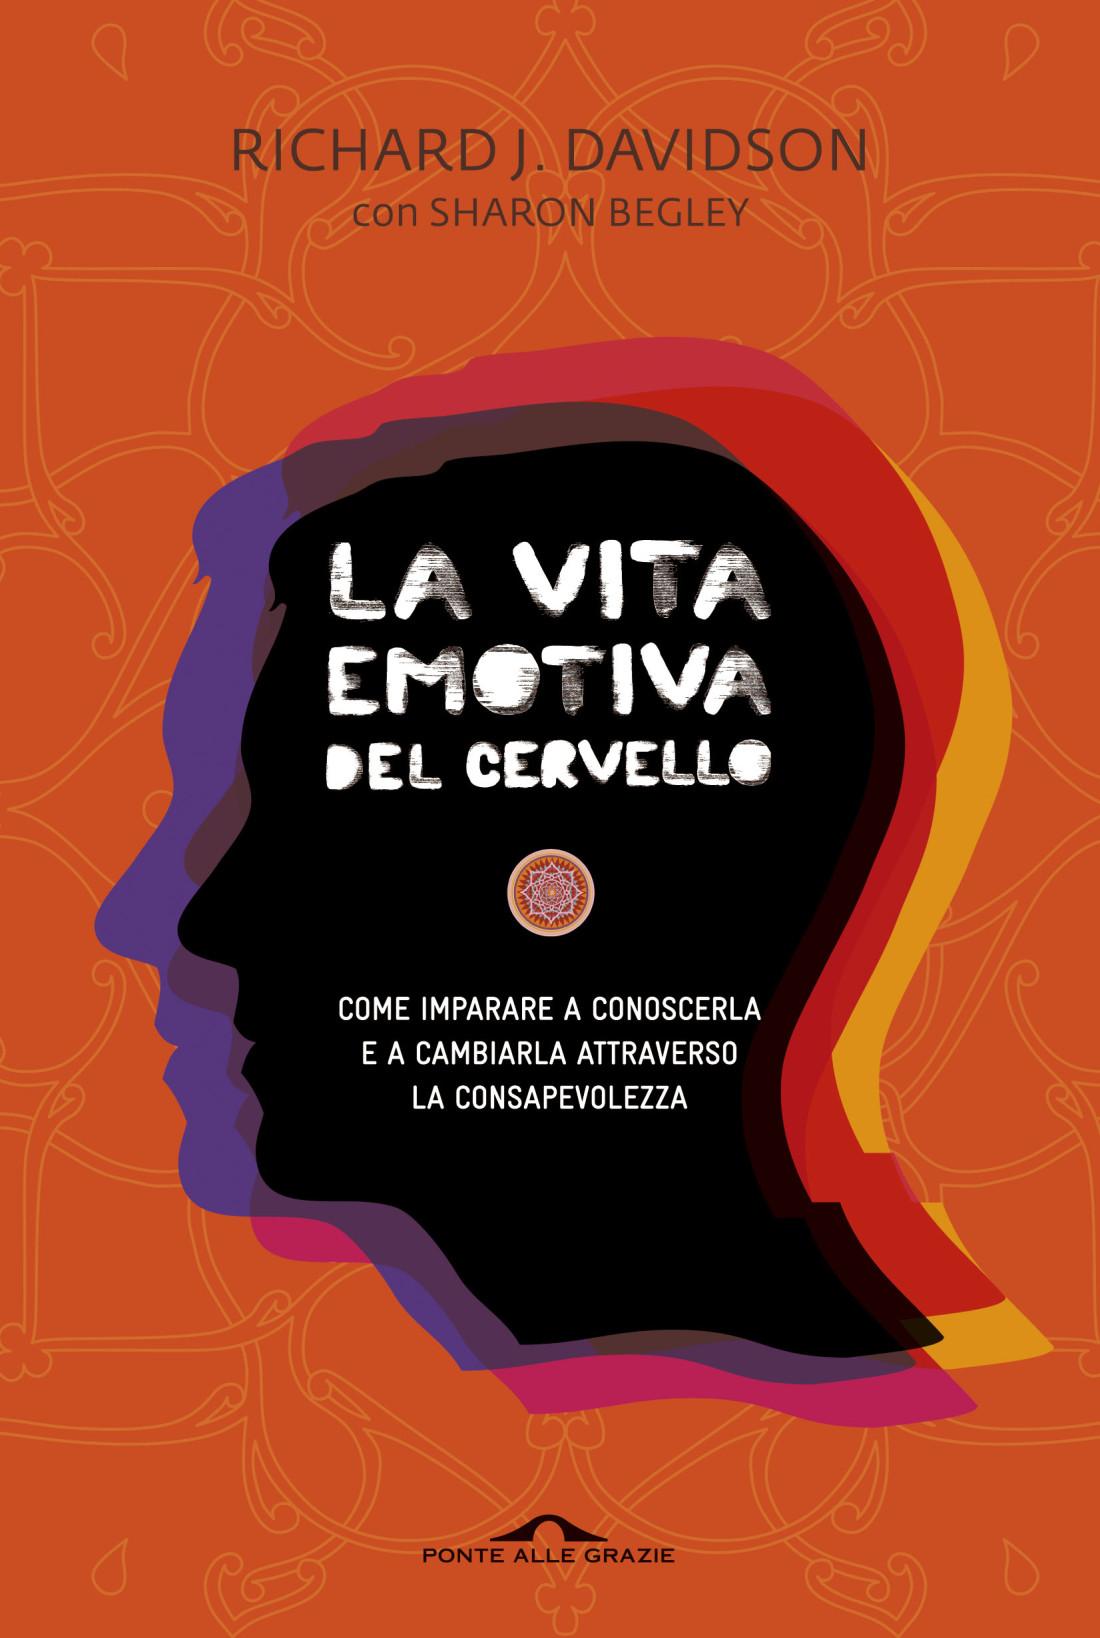 la vita emotica del cervello_Sovra.indd